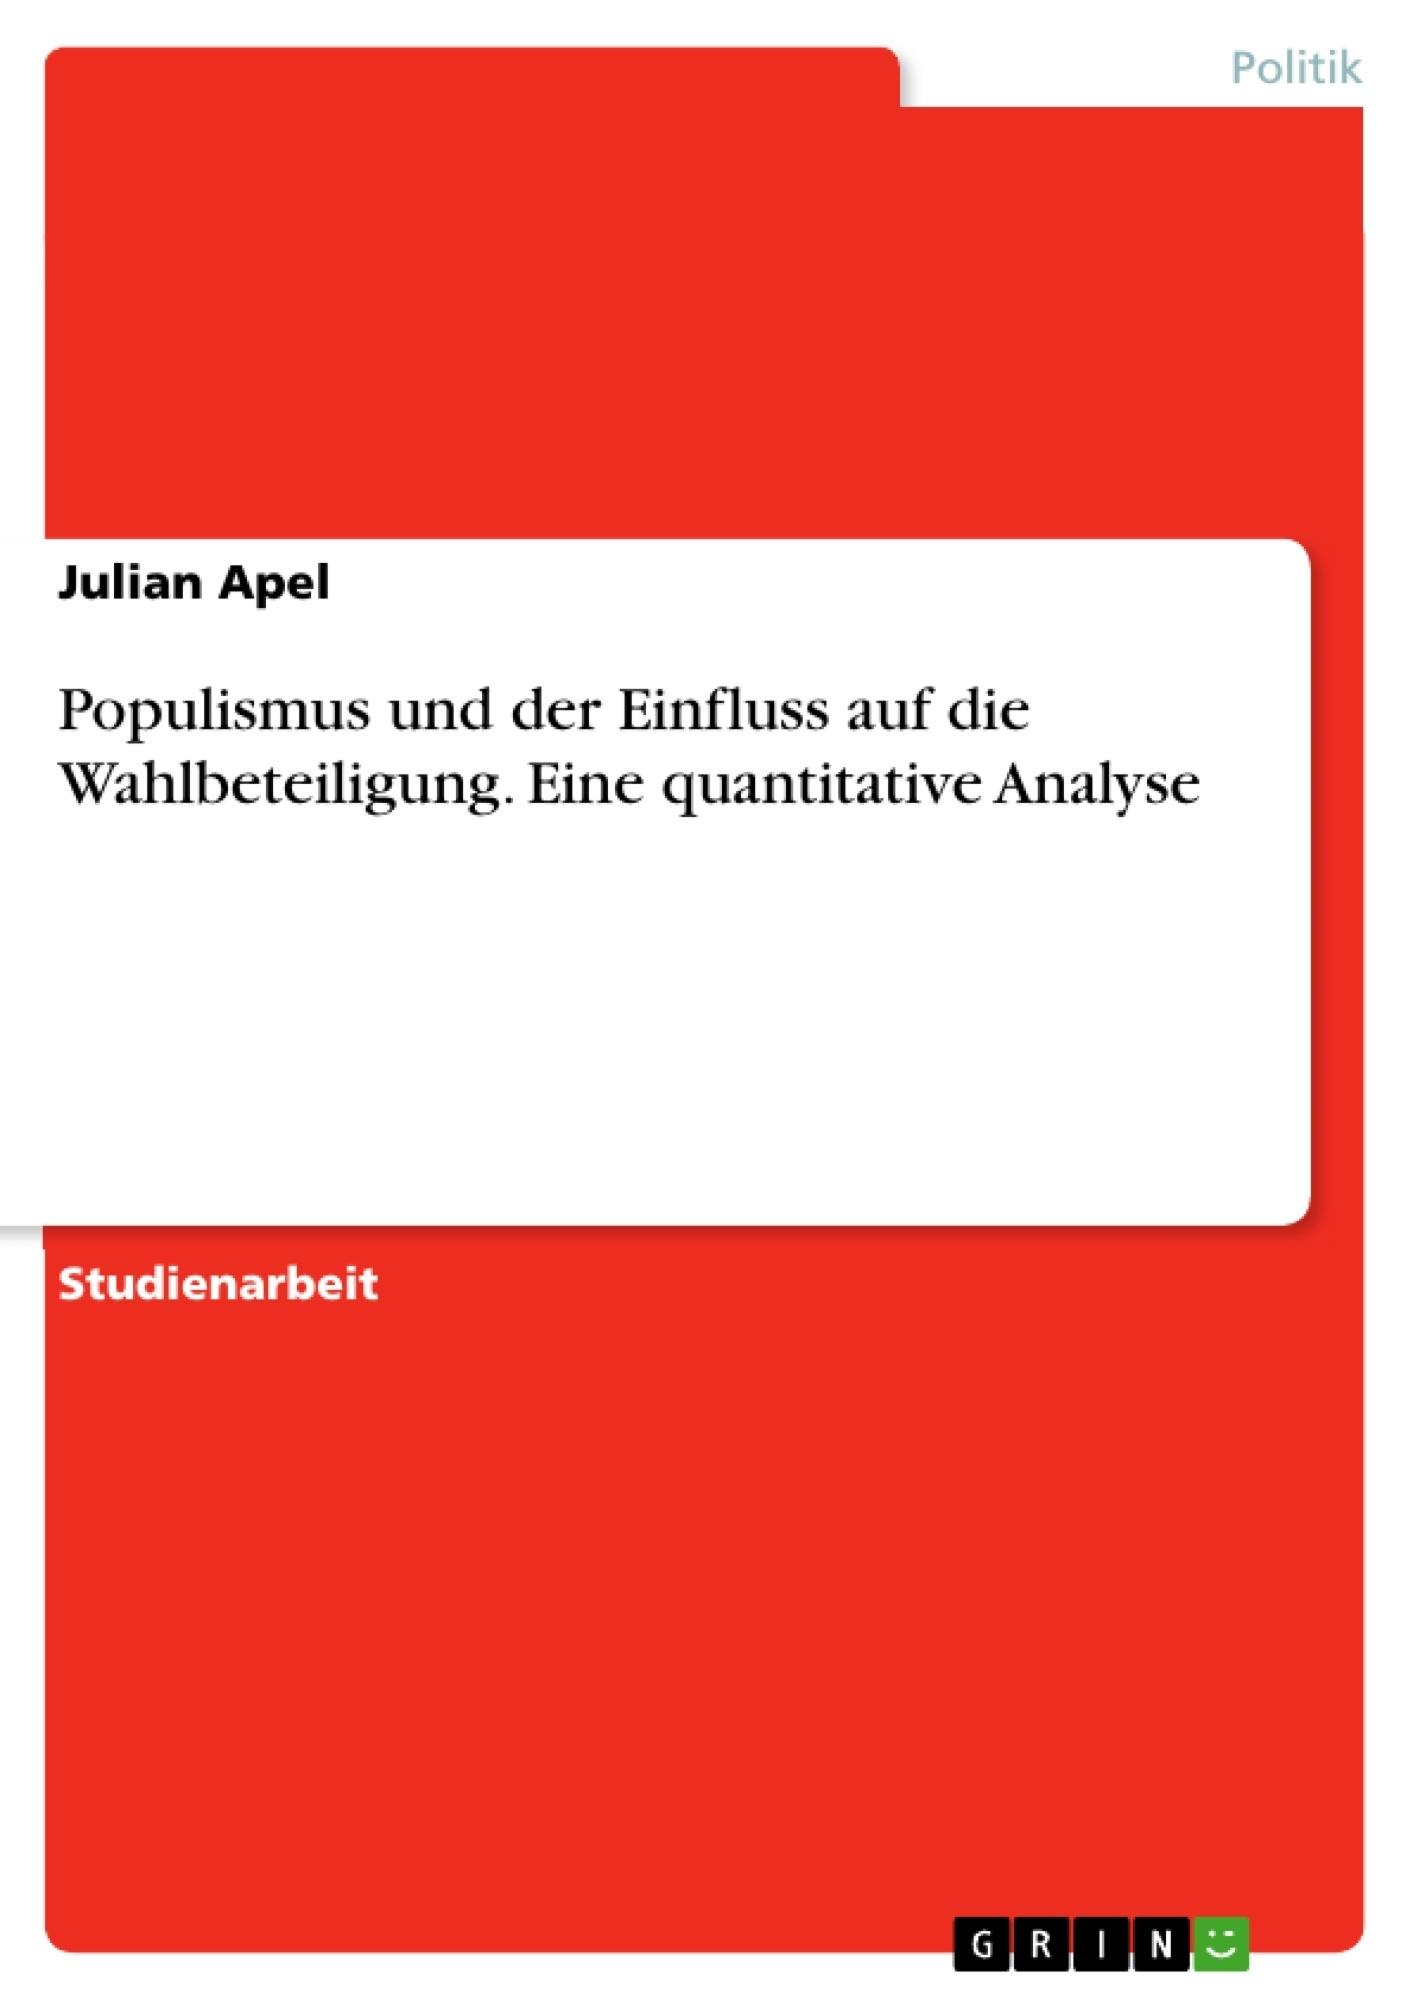 Titel: Populismus und der Einfluss auf die Wahlbeteiligung. Eine quantitative Analyse